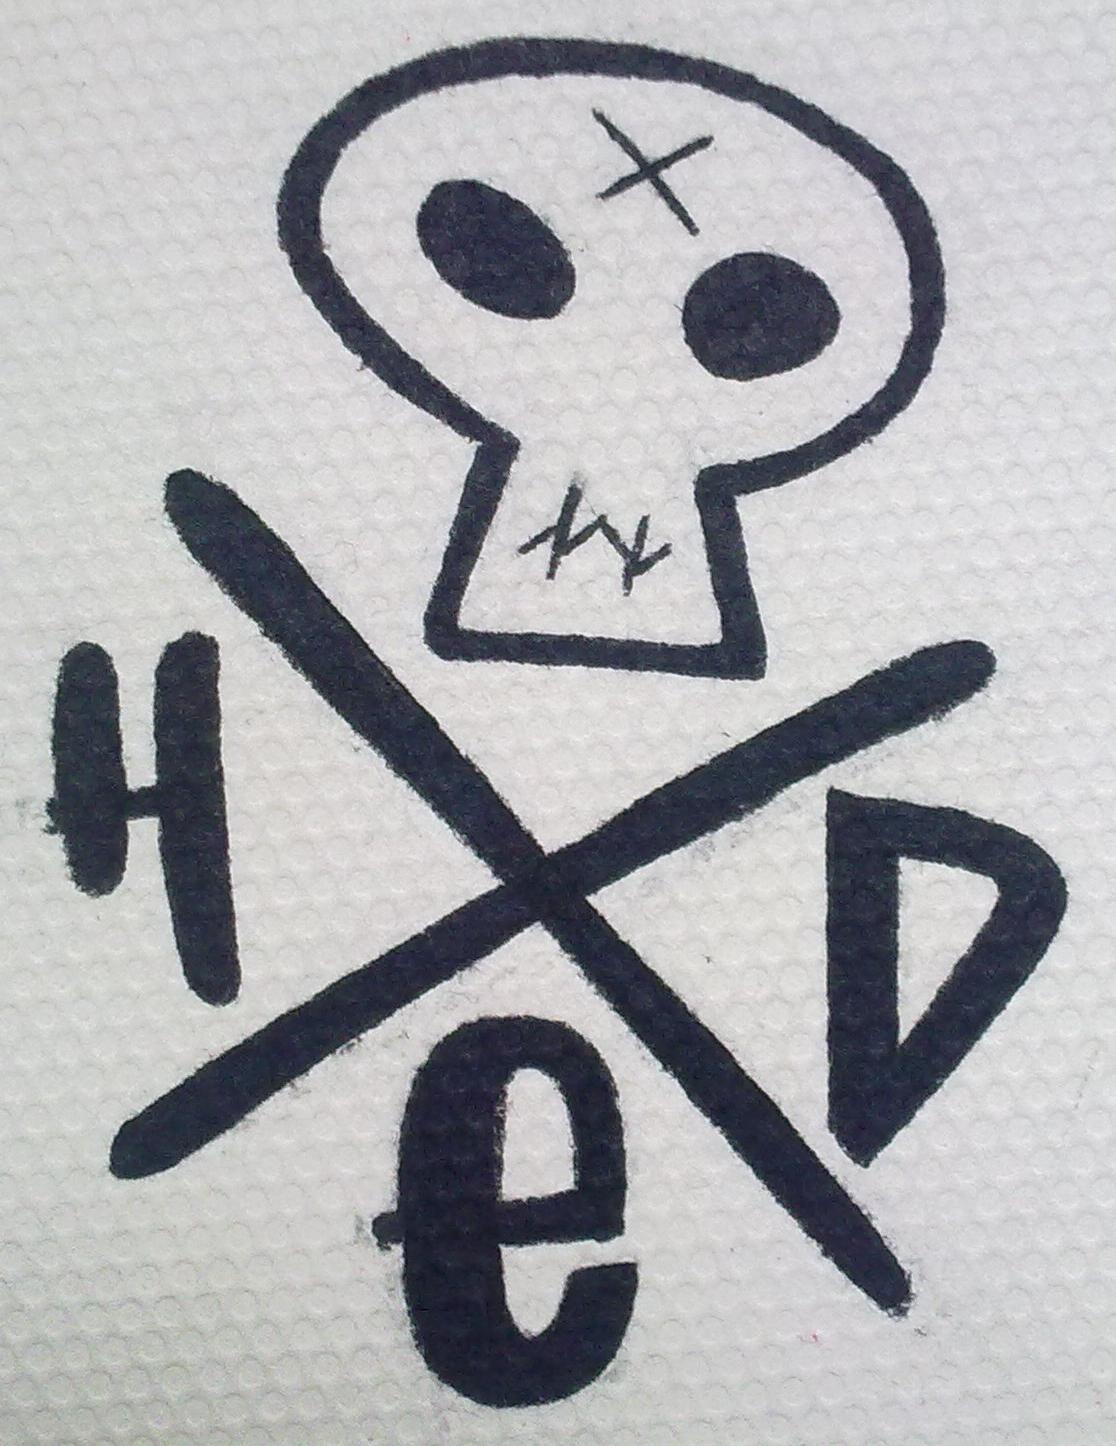 1116x1446 I Heart He'D Pe Logo Hed Pe Drawing Punx